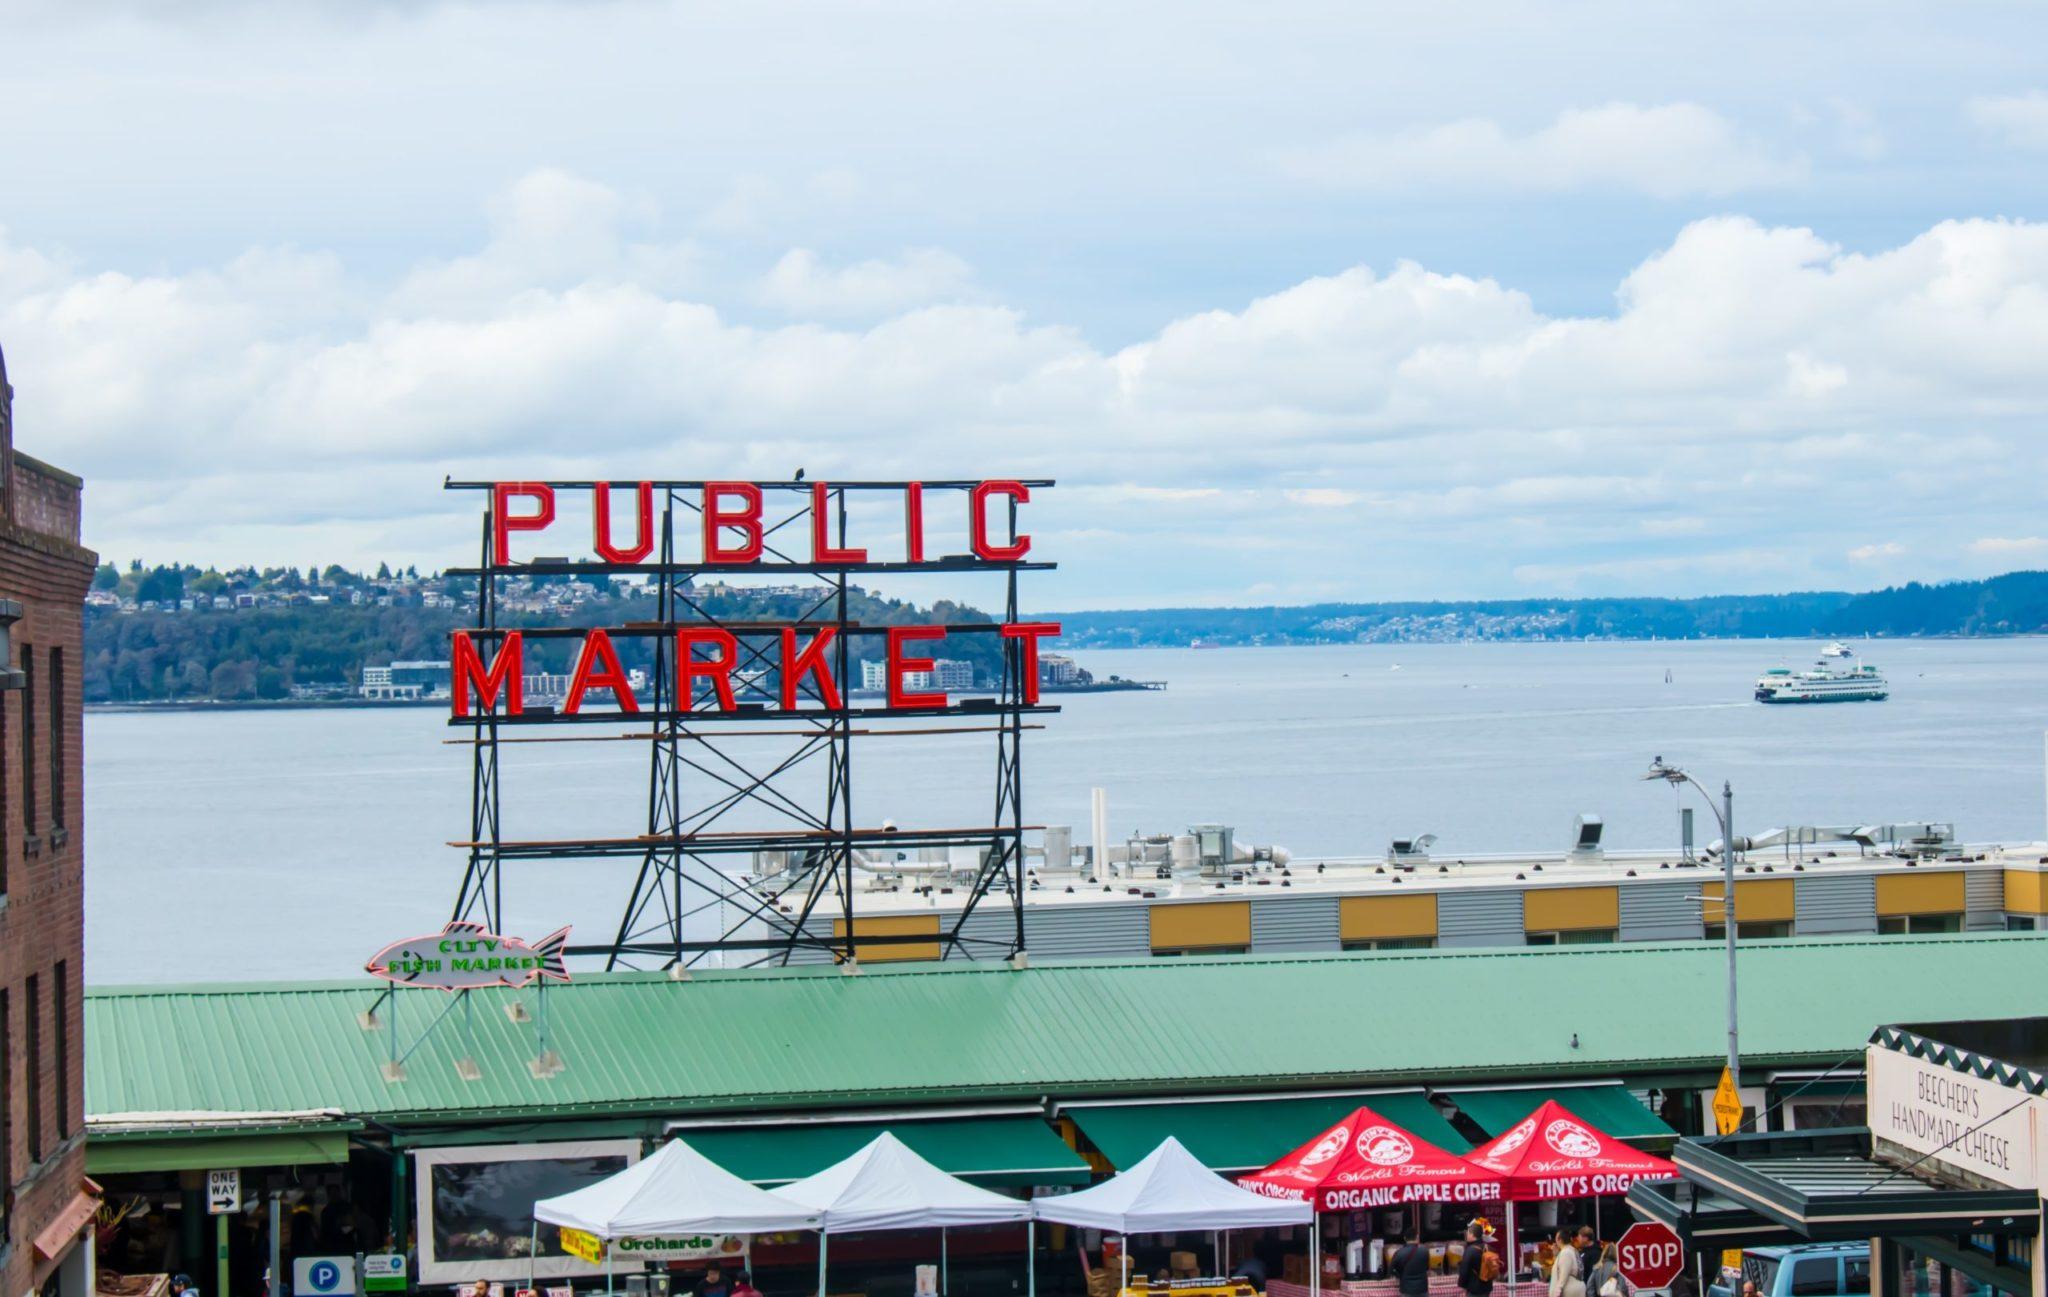 Pike Place Market Photo by Zoi Palla on Unsplash